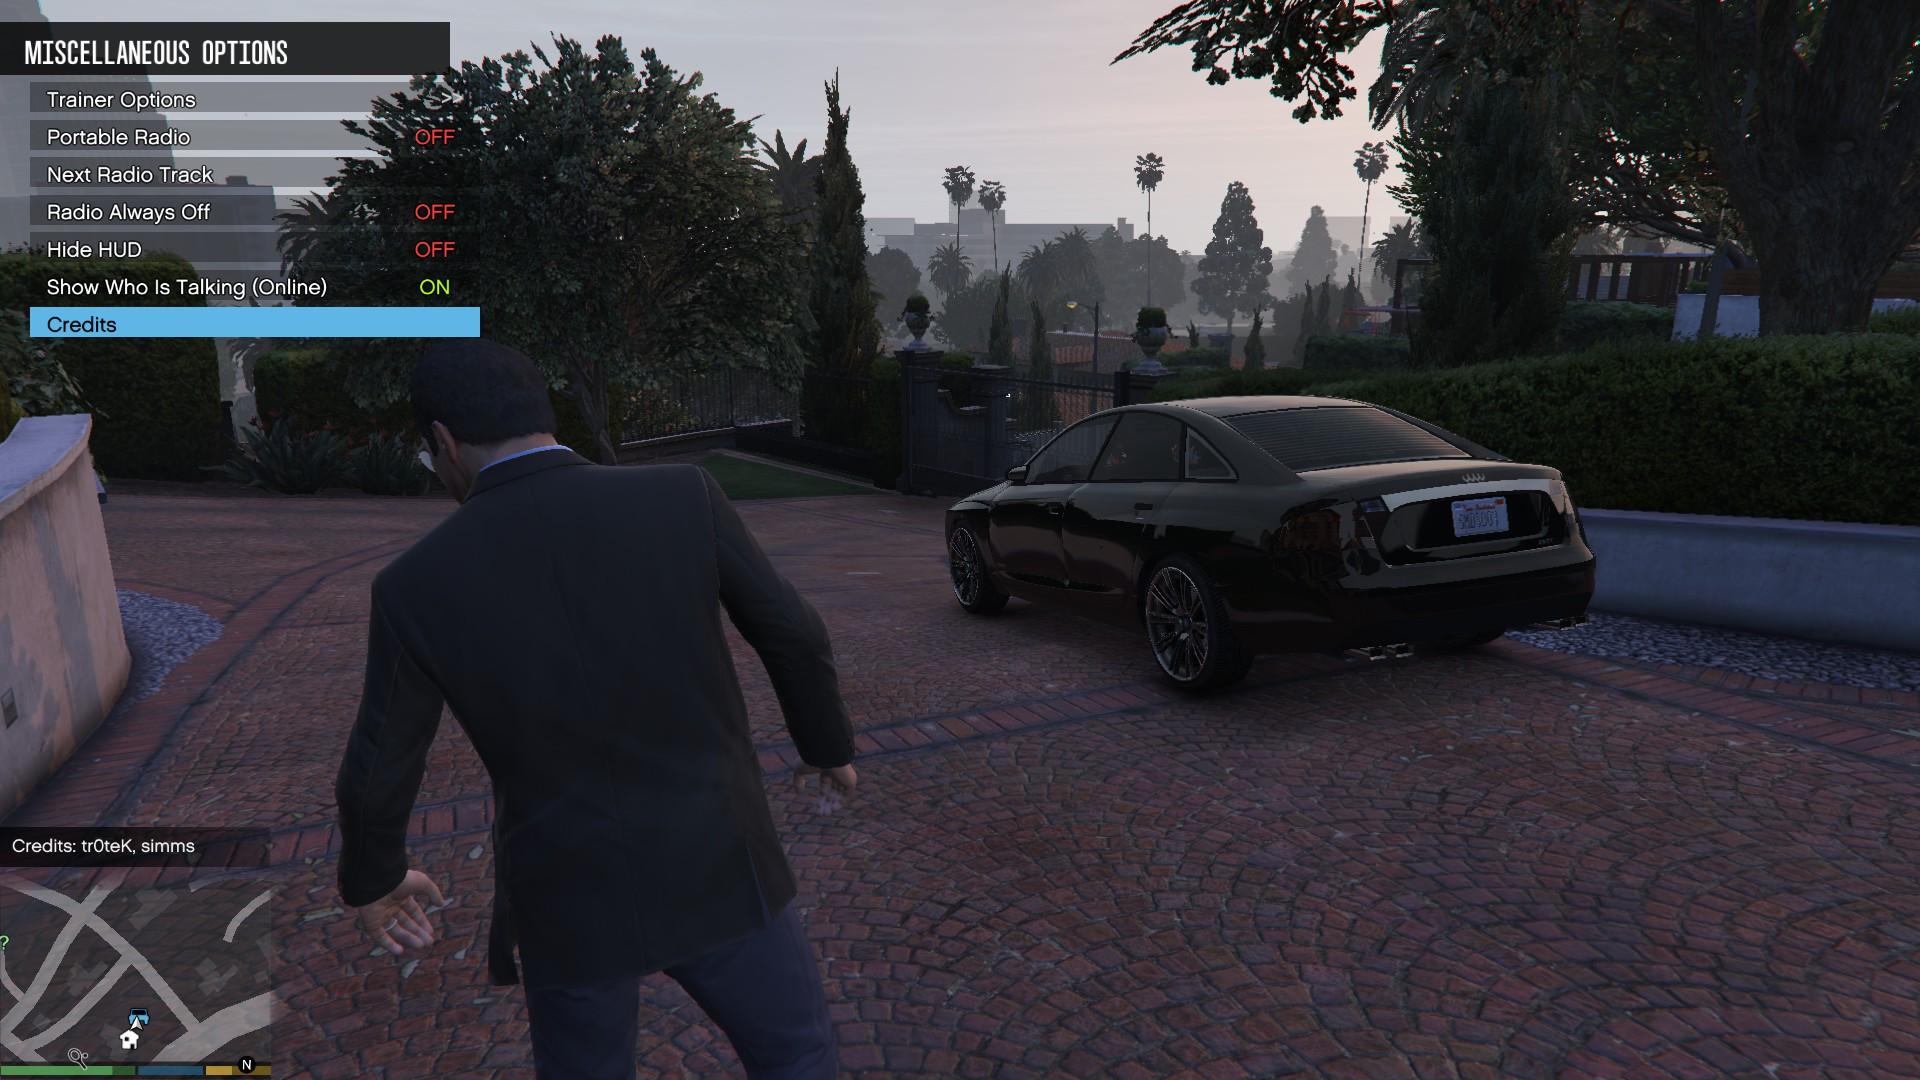 Скачать Nocd для Cars 2